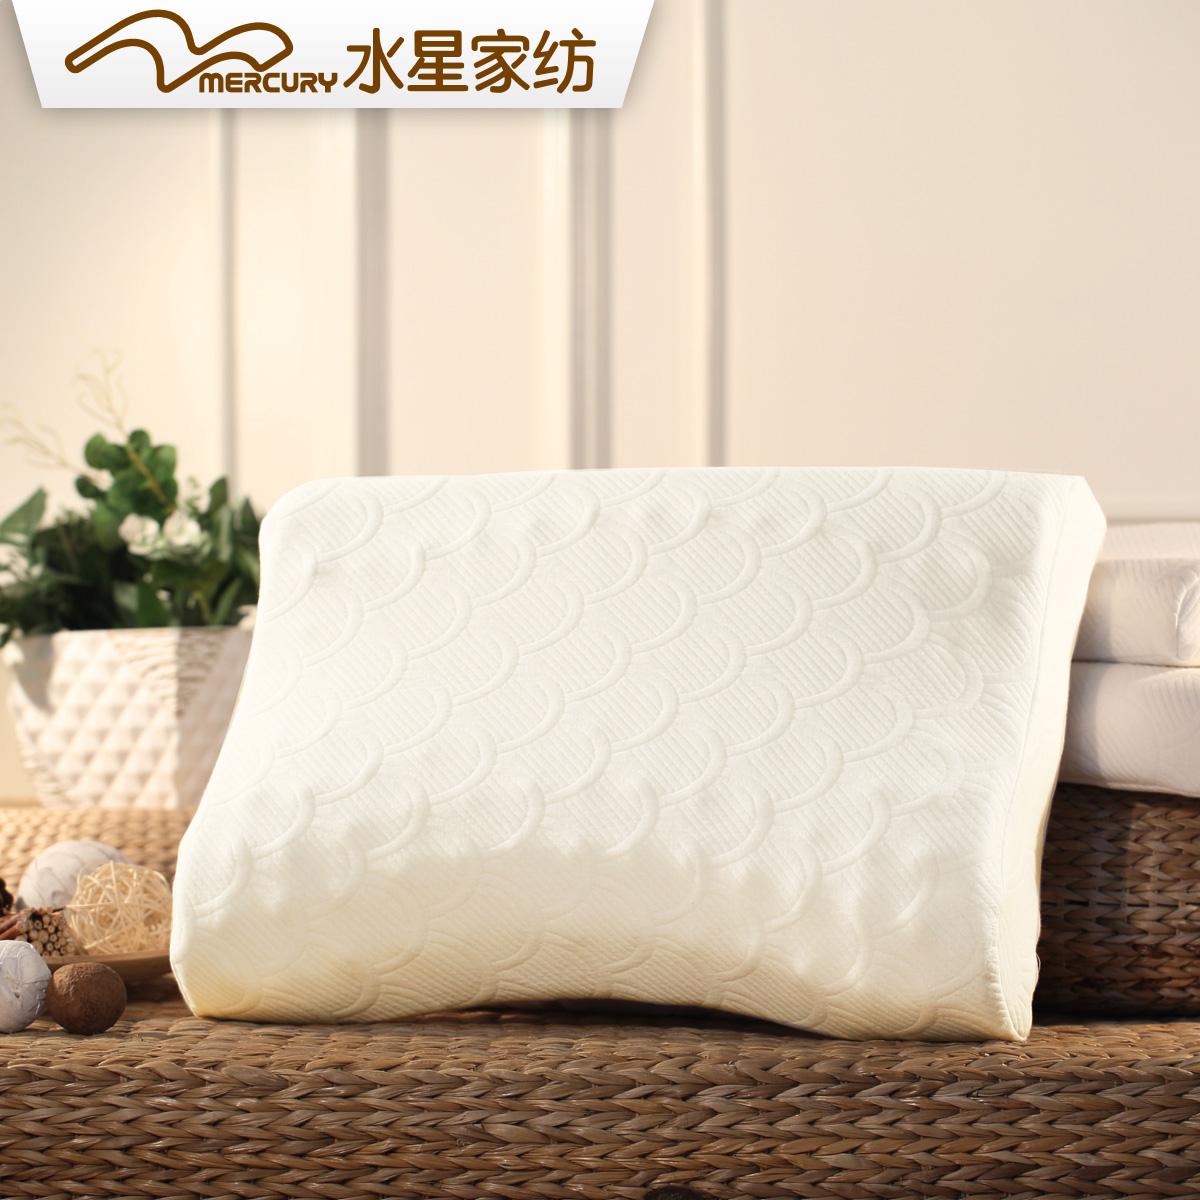 水星家纺枕芯正品乳胶枕头泰国进口舒适高弹耐压单人成人护颈枕